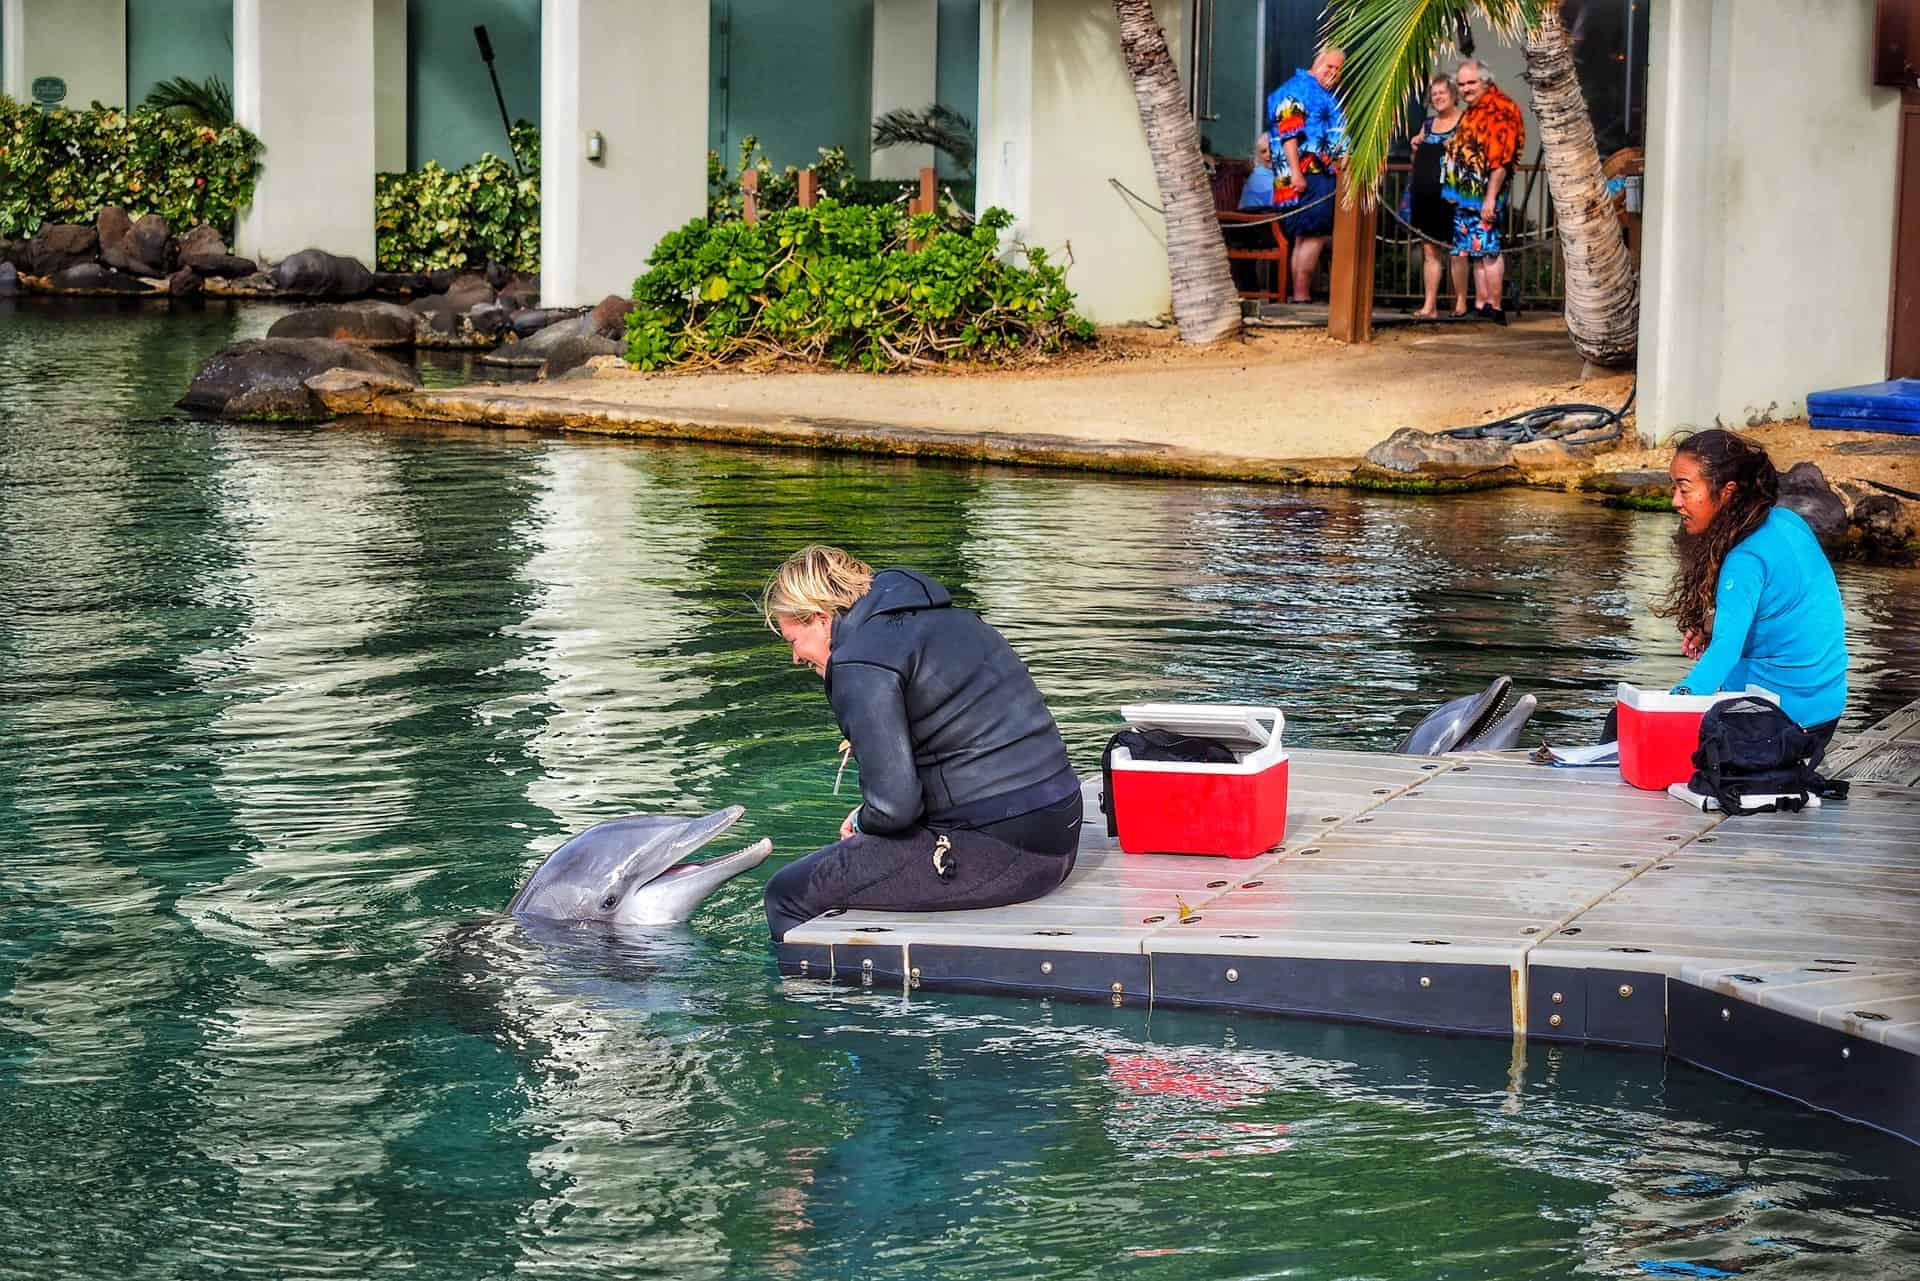 Un nuevo estudio sostiene que los delfines tienen rasgos de personalidad similares a los humanos